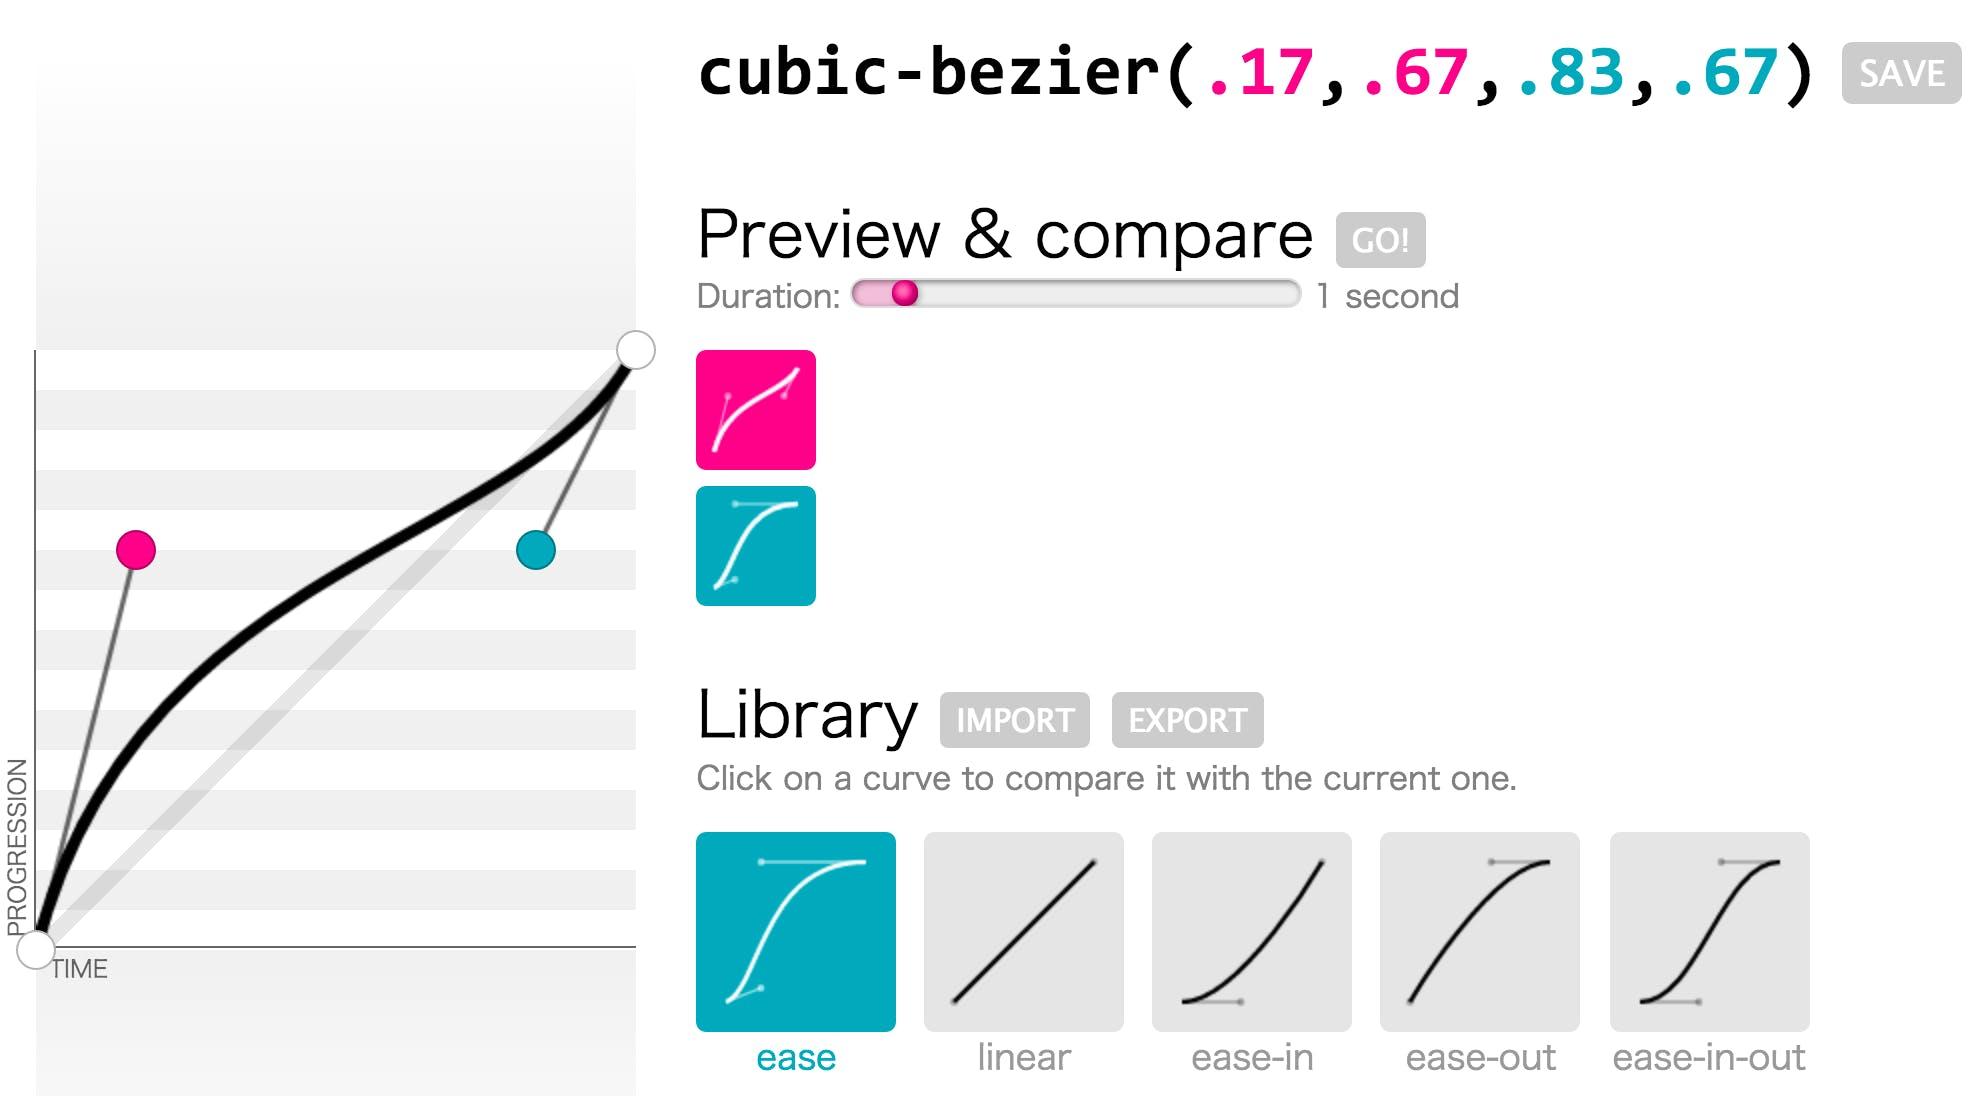 cubic-bezier-com.png